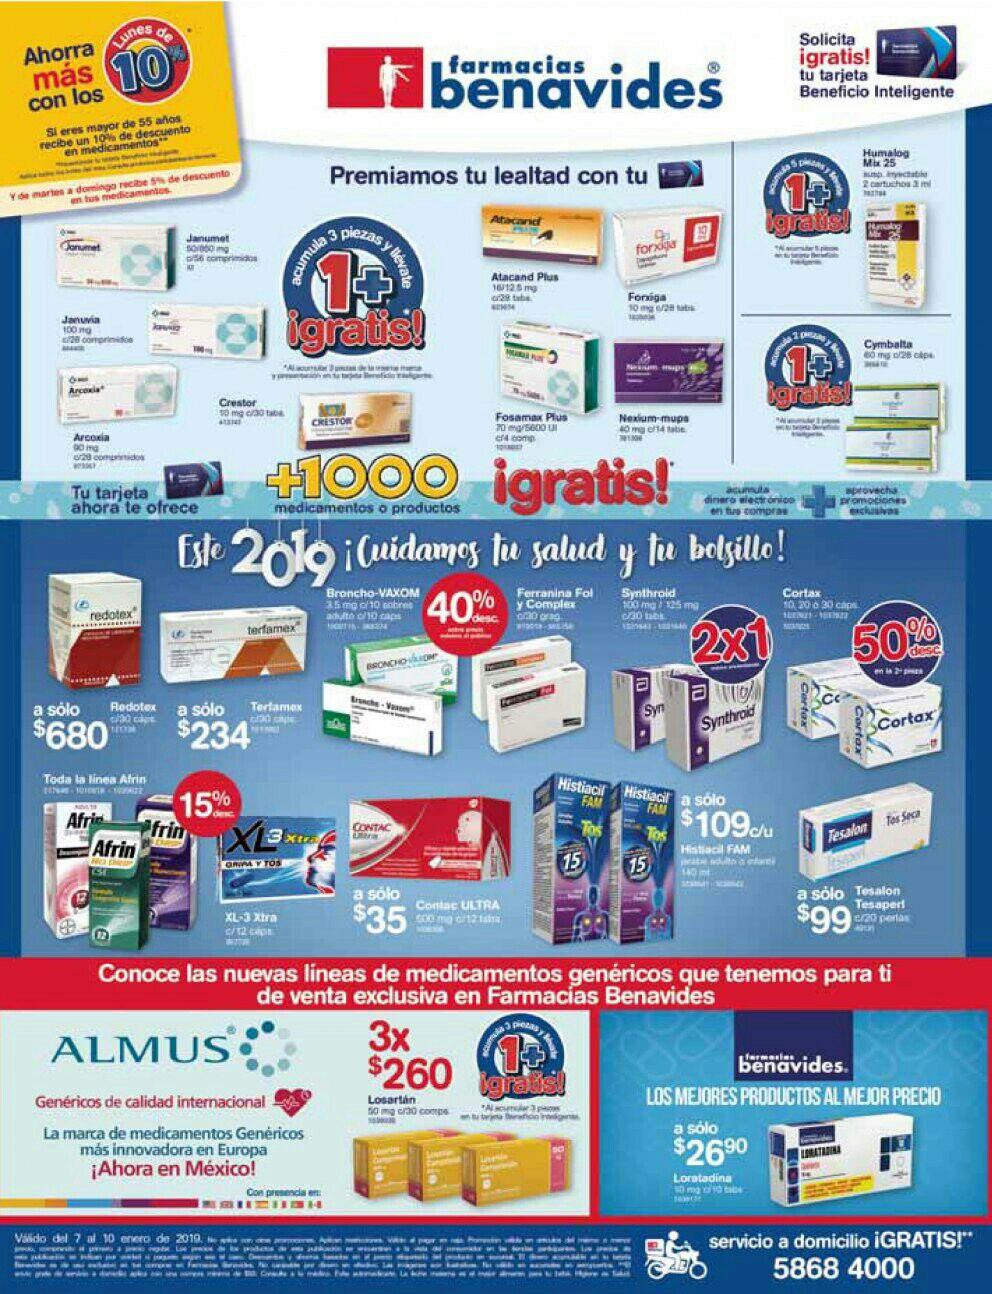 Farmacias Benavides: Ofertas del Lunes 7 al Jueves 10 de Enero